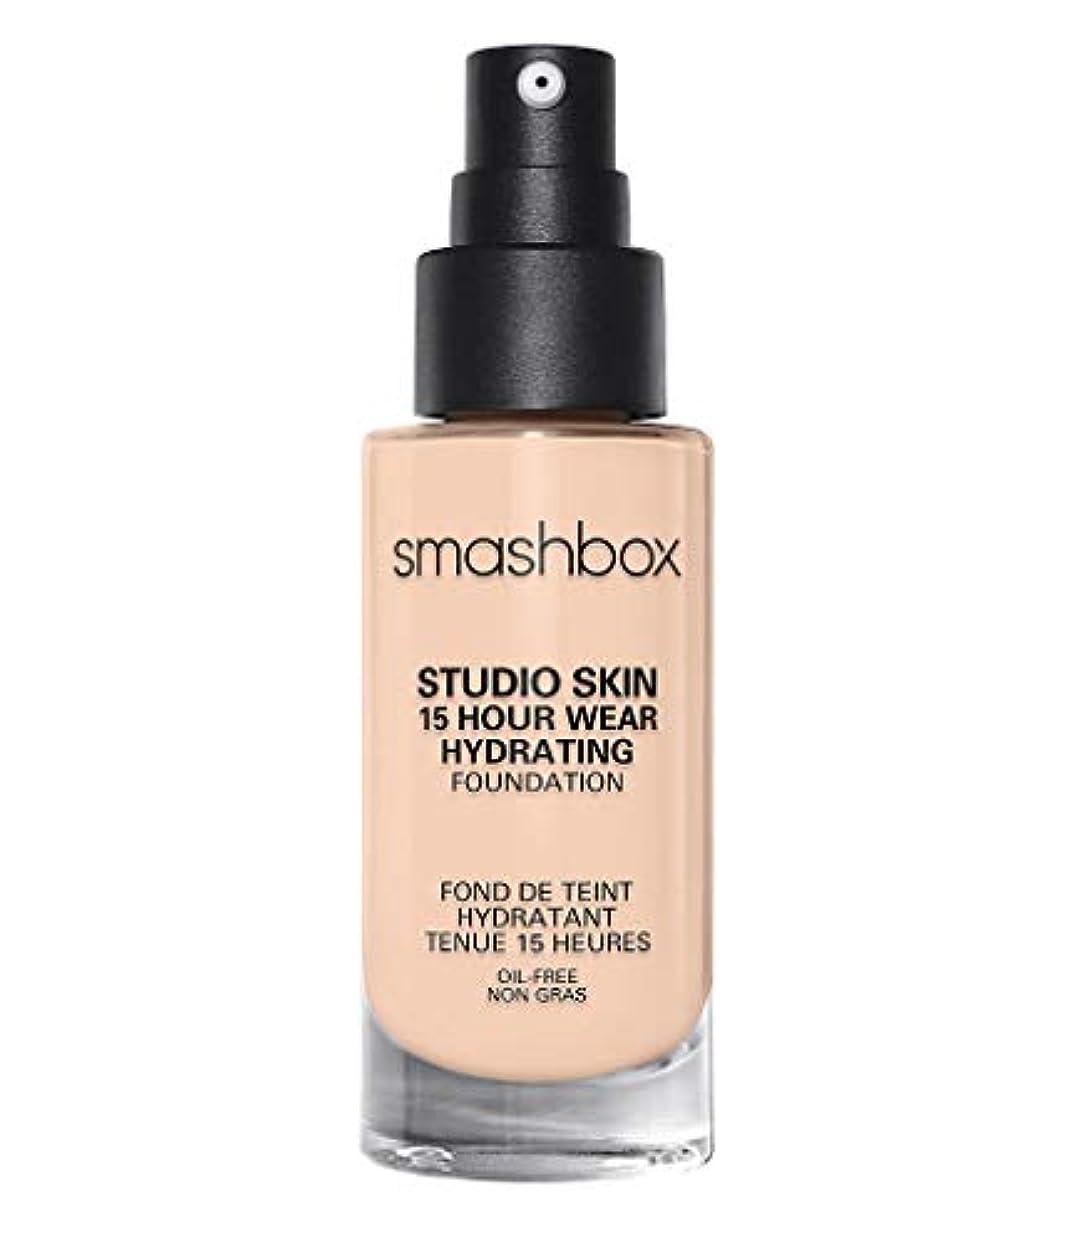 冗談で沿って先スマッシュボックス Studio Skin 15 Hour Wear Hydrating Foundation - # 0.3 Fair With Neutral Undertone 30ml/1oz並行輸入品